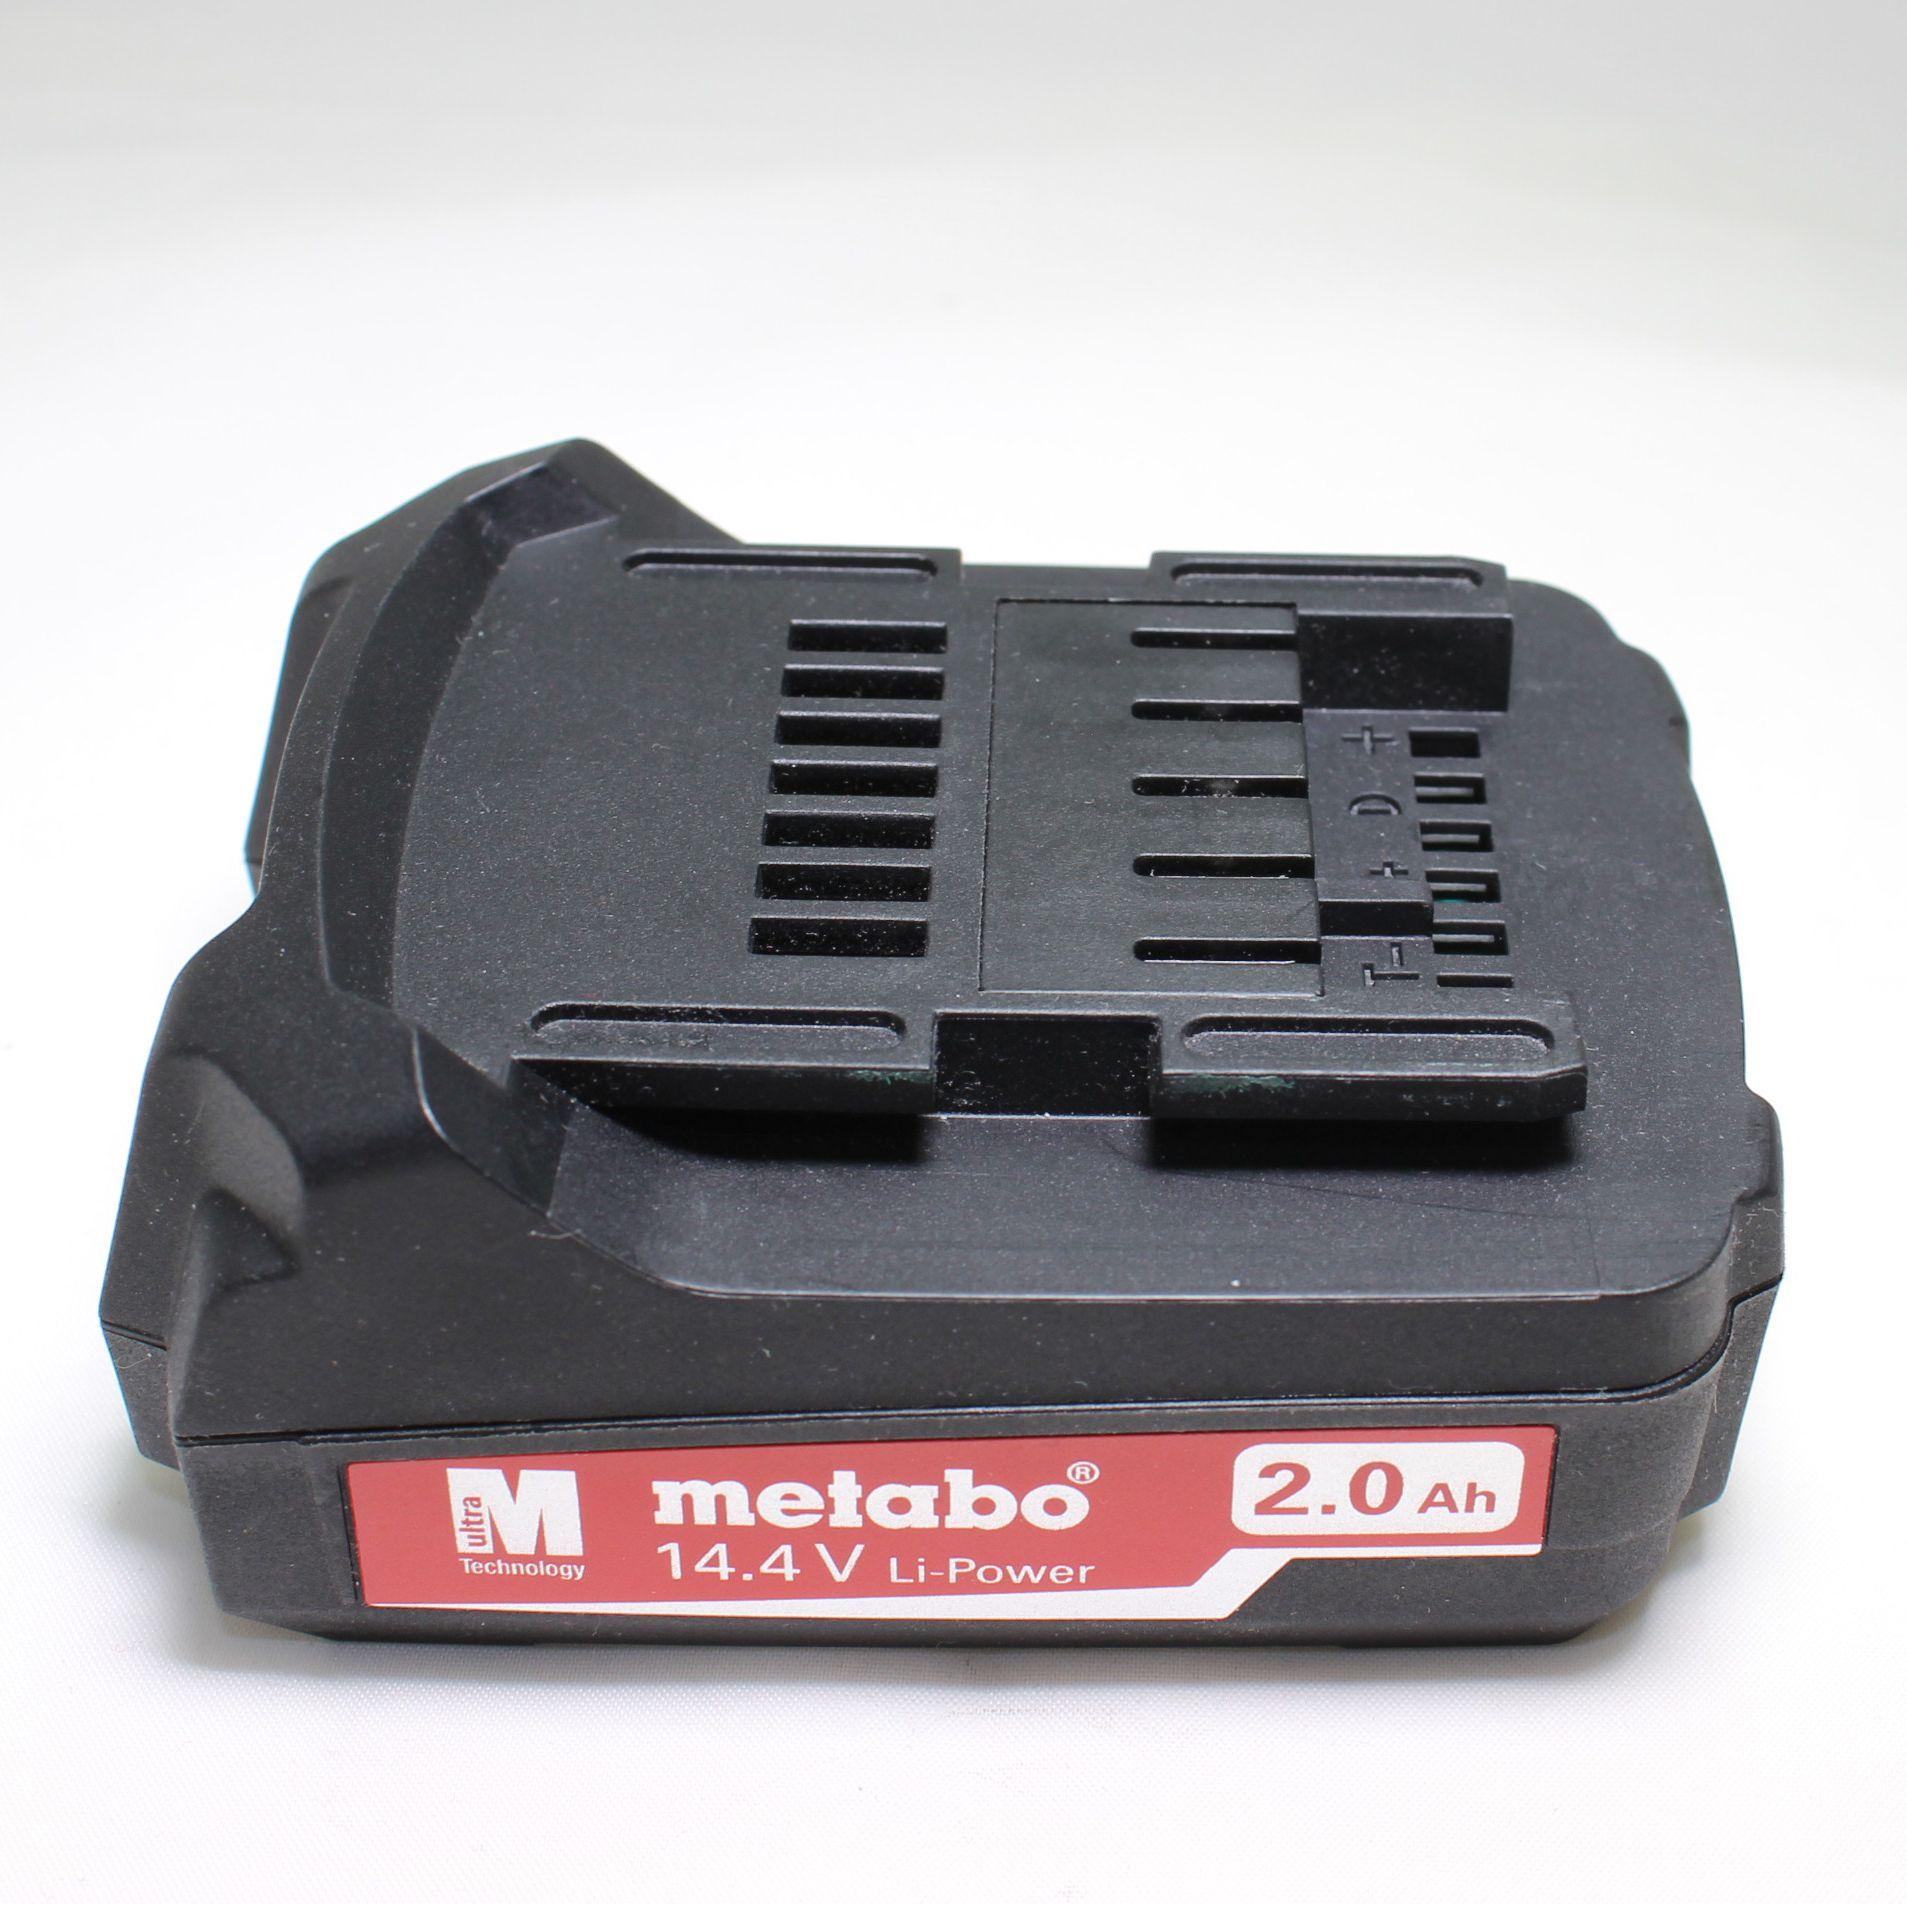 Аккумулятор Metabo 14,4 V 2.0 A/h  код 625595000